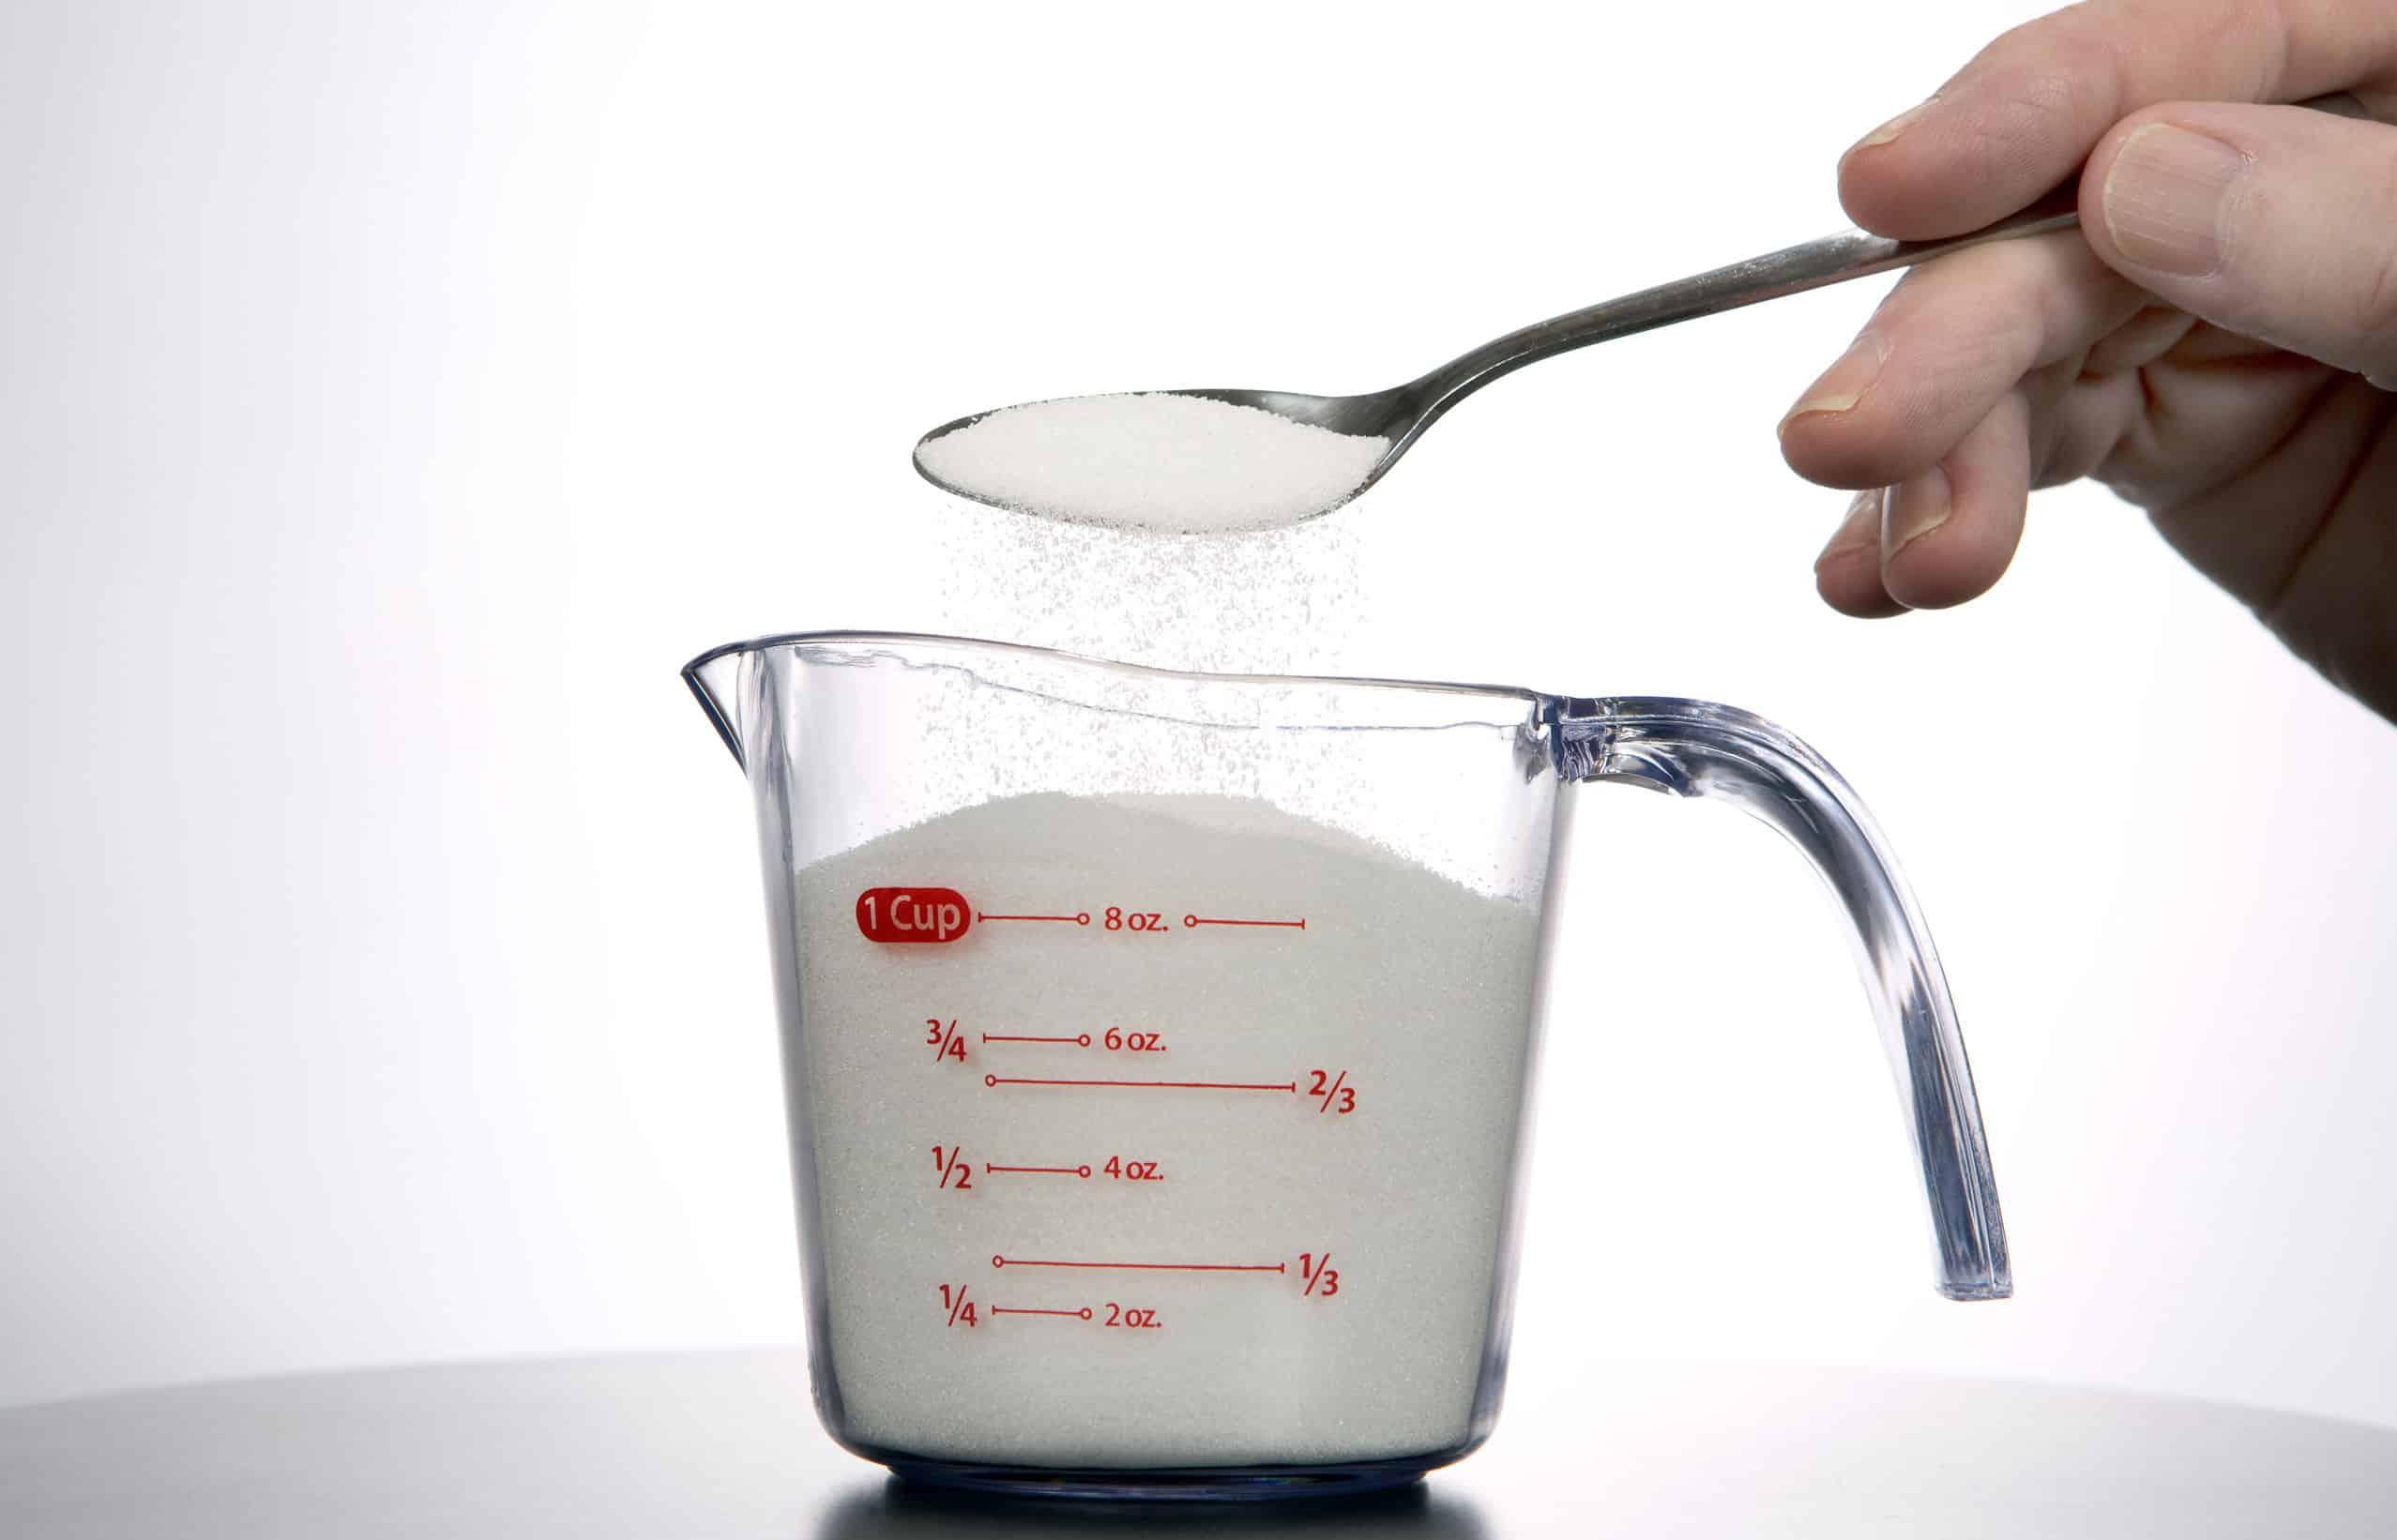 Na foto se visualiza a mão de um homem colocando ingrediente branco em um copo medidor localizado em cima de uma mesa.